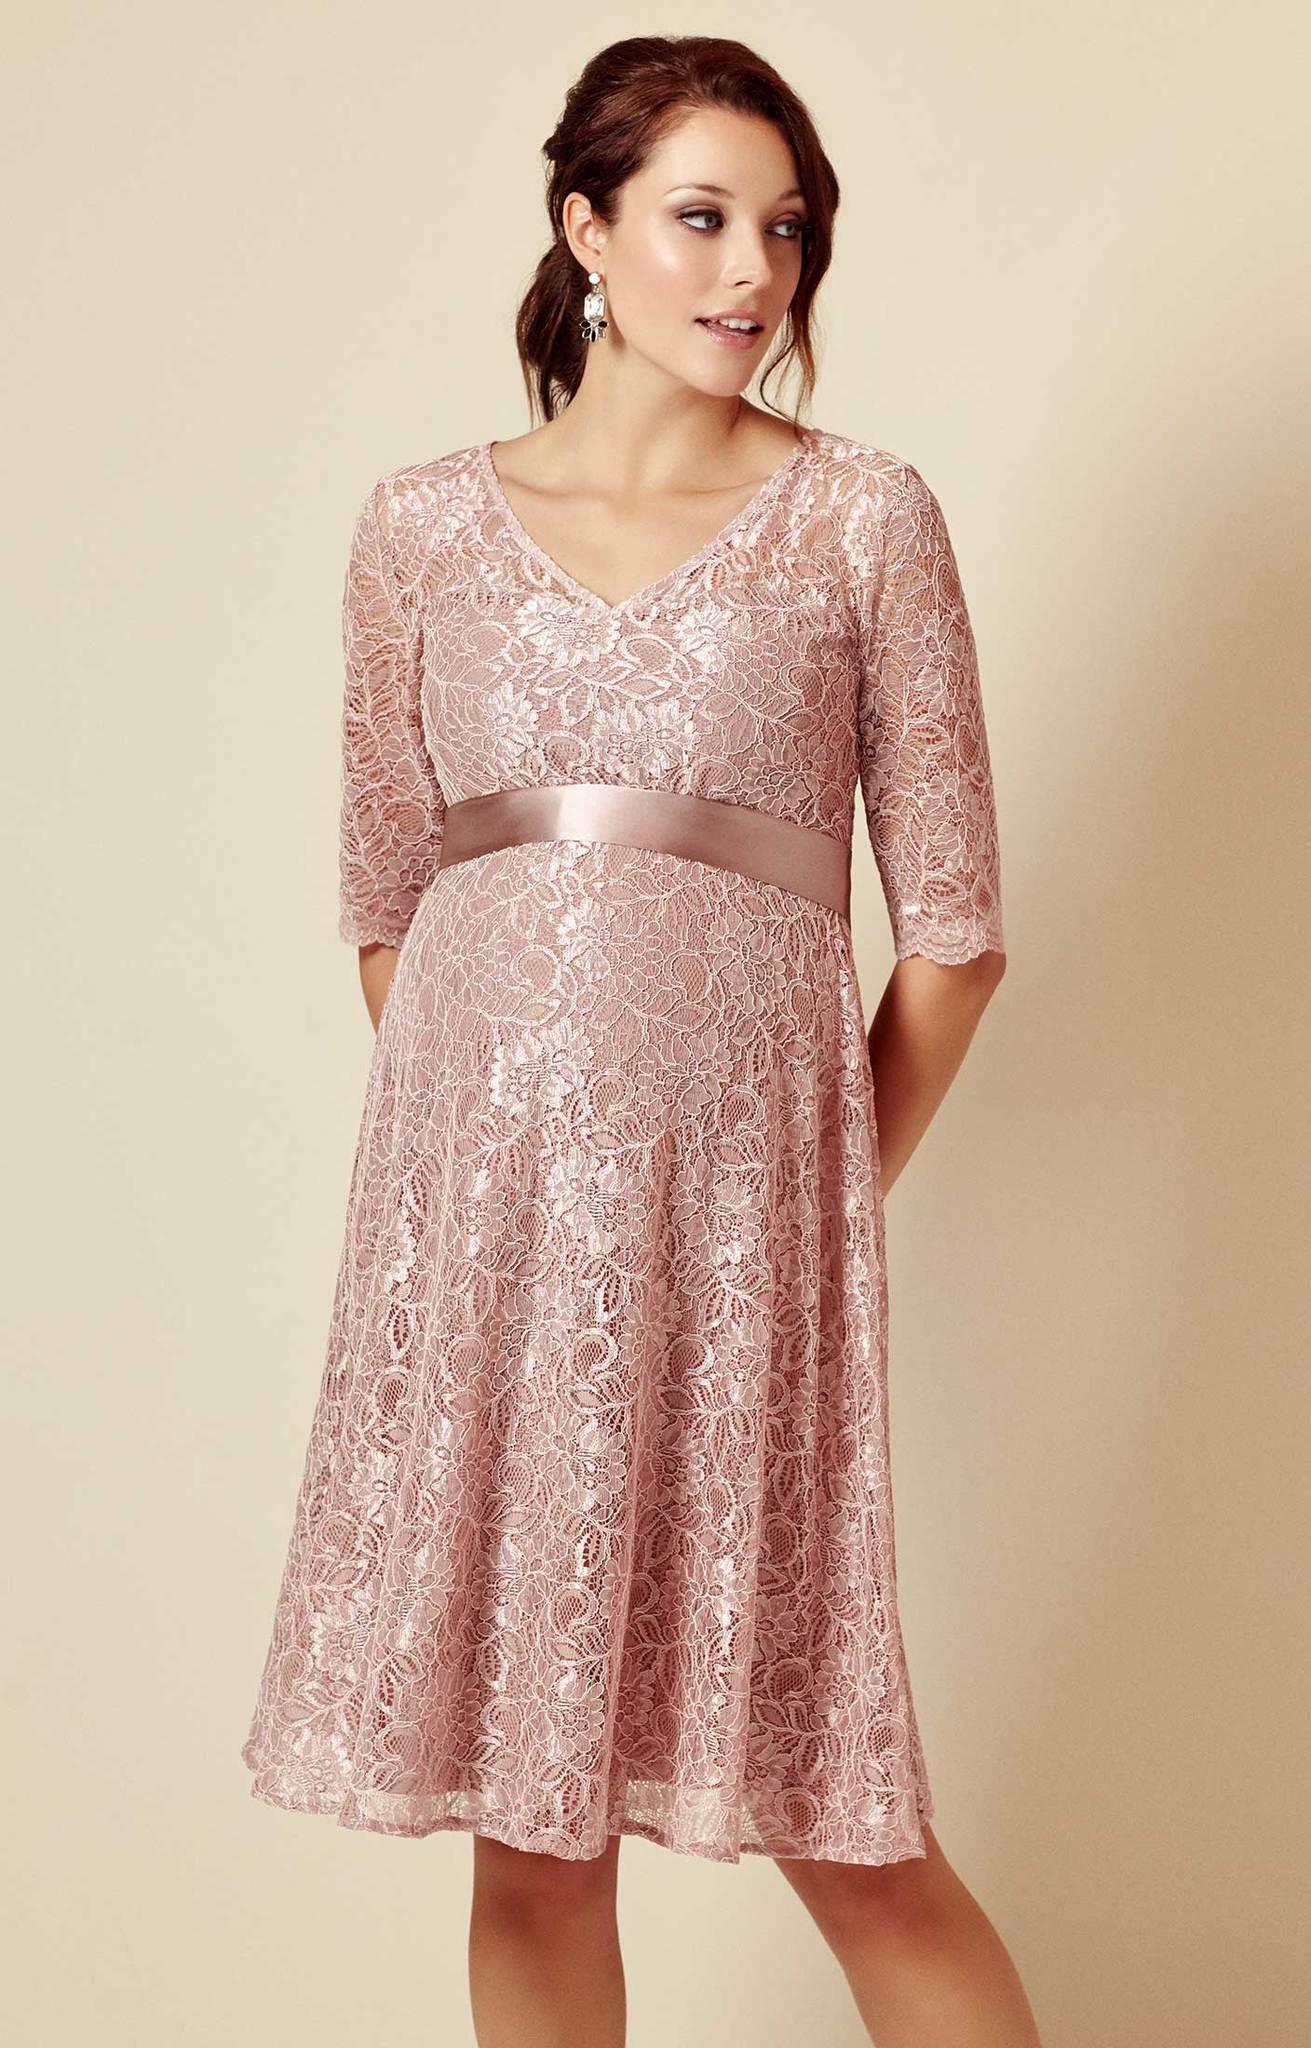 Mammy Dress 15216